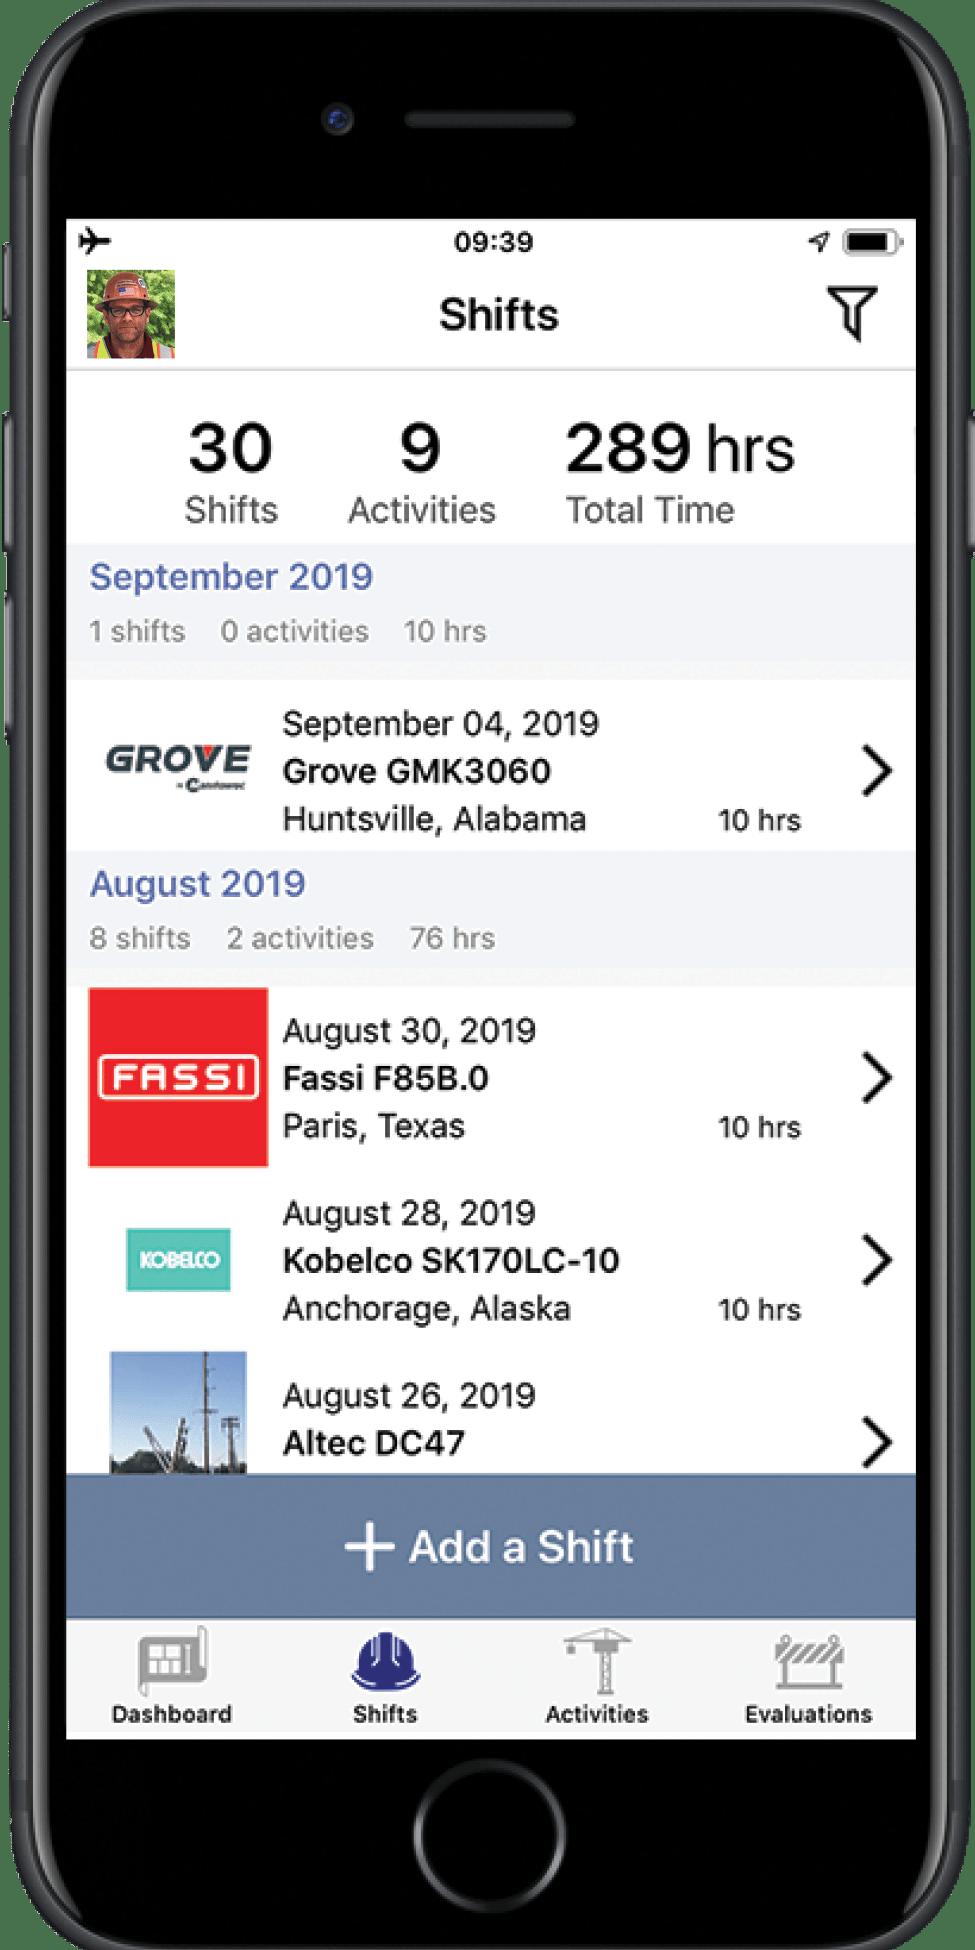 OperatorPRO-SmartPhone-Shifts